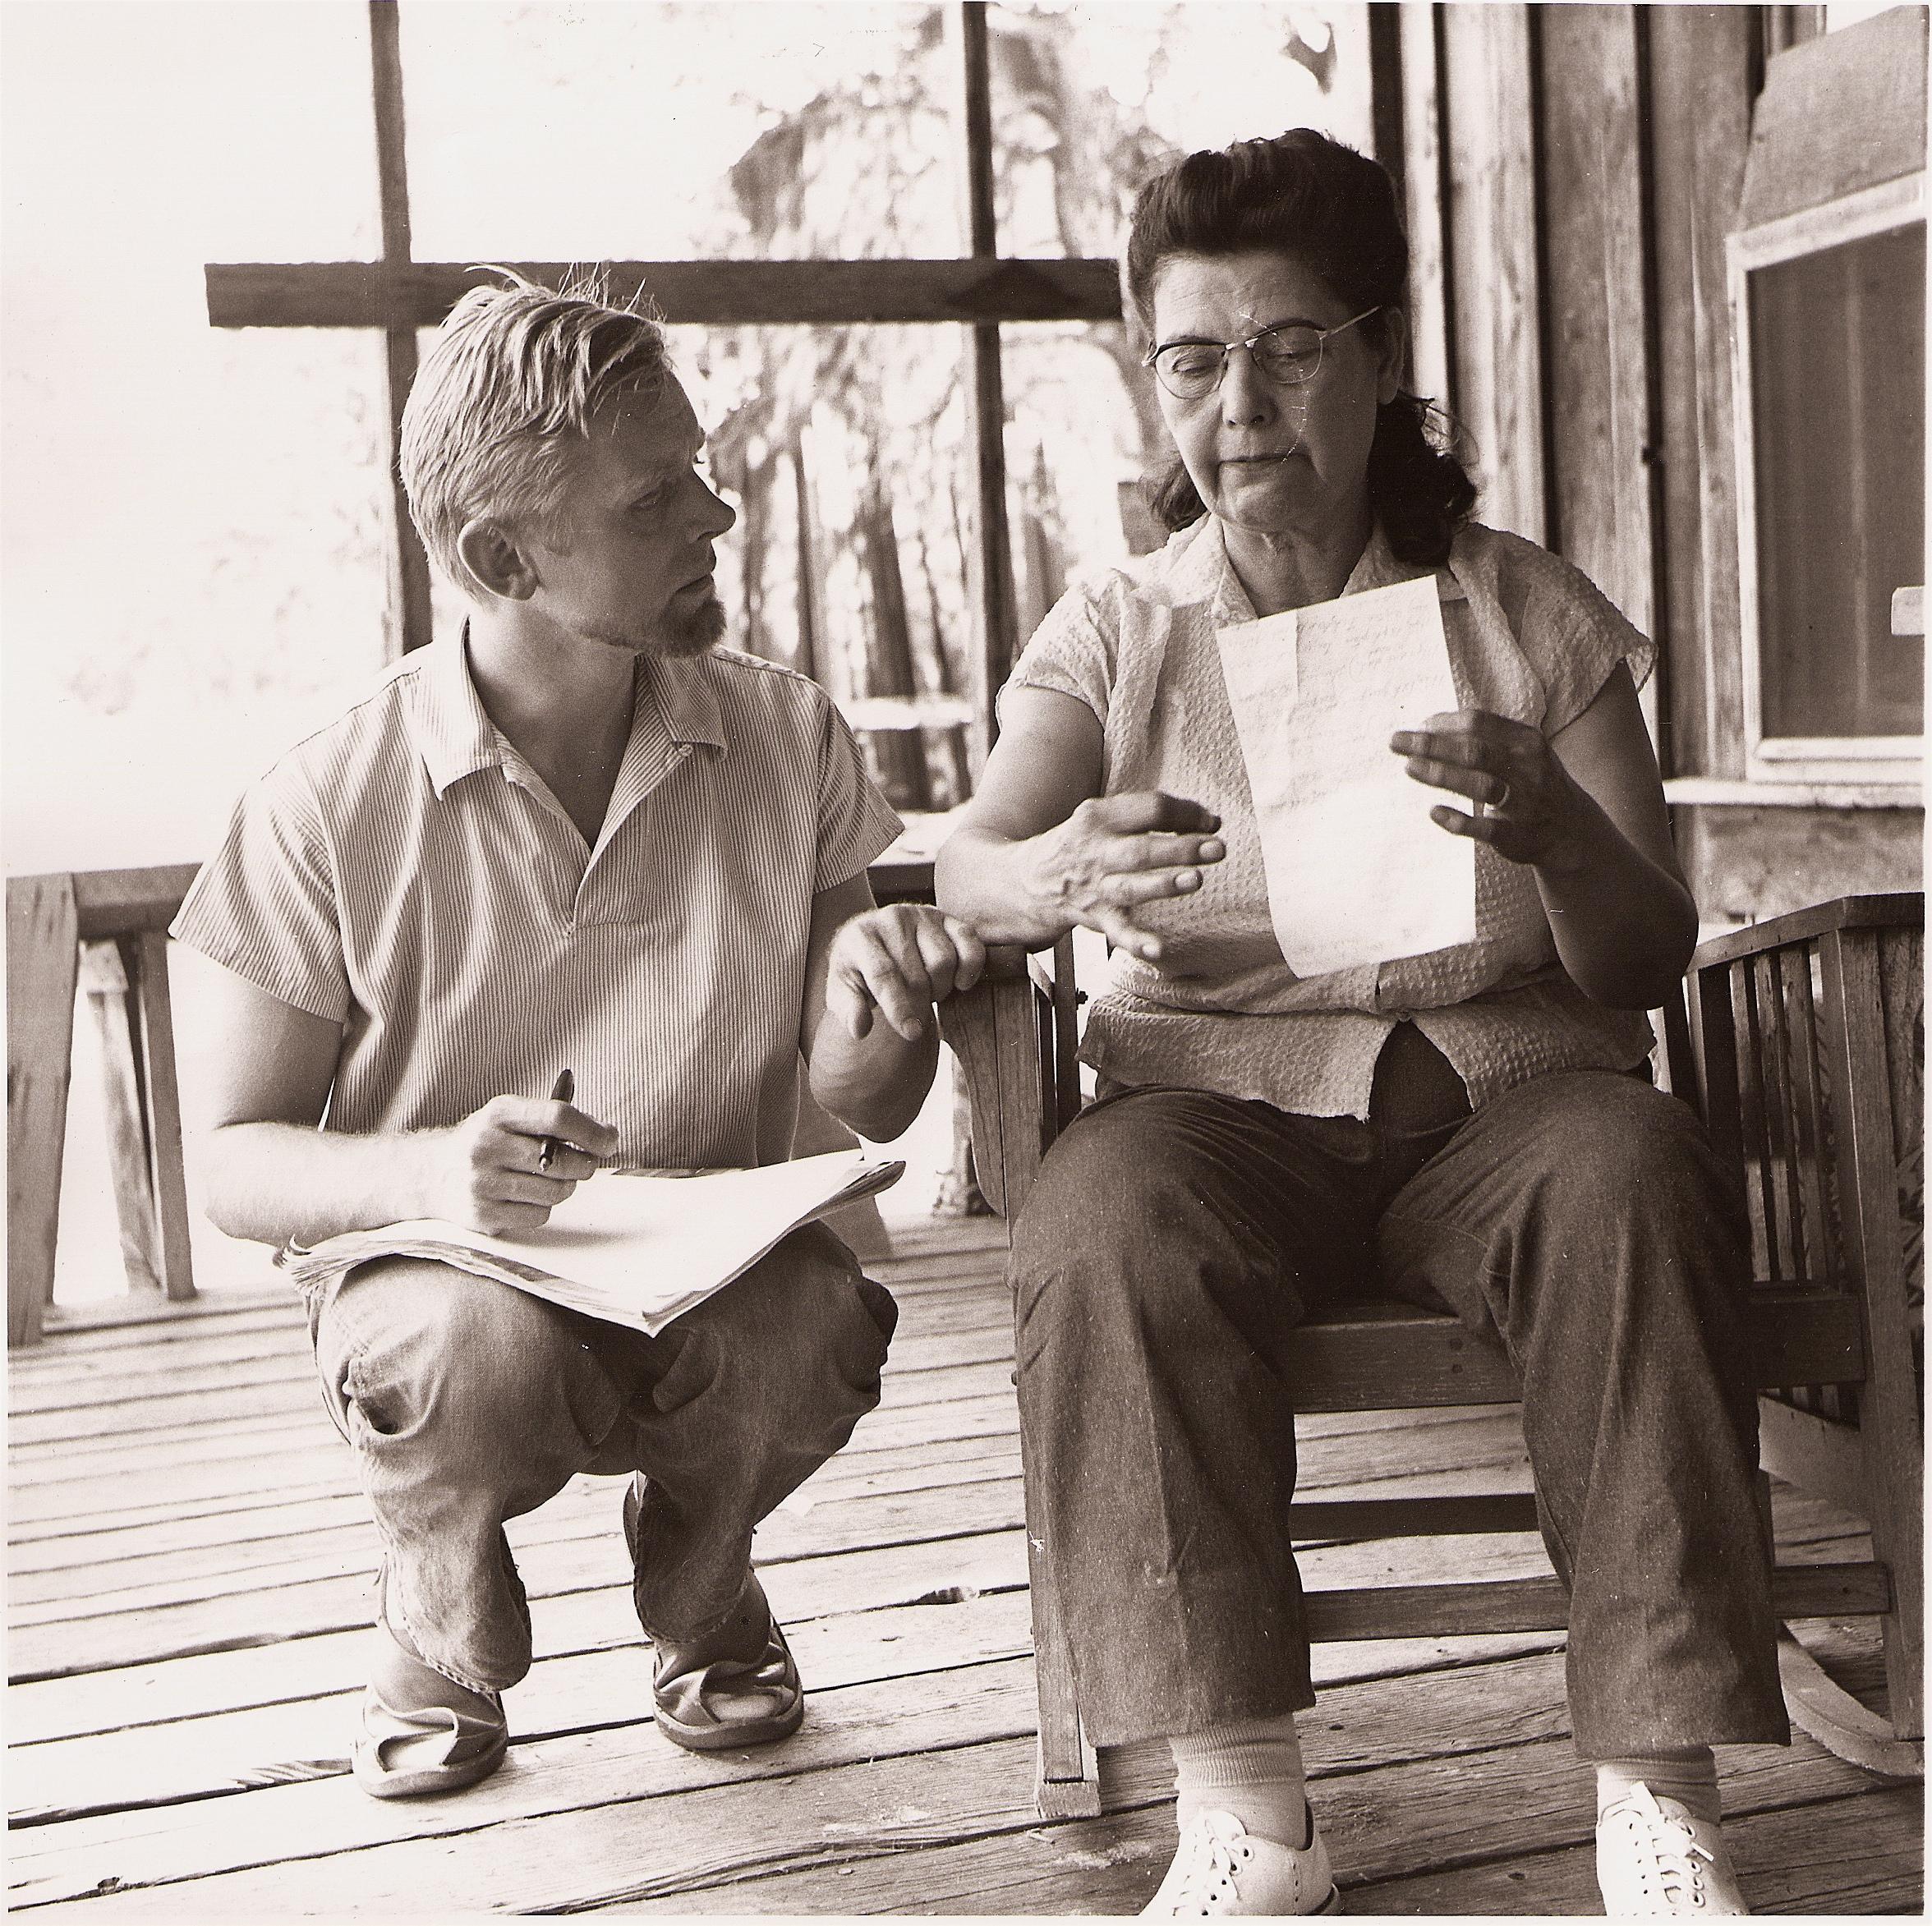 William Shipley and Maym Gallagher